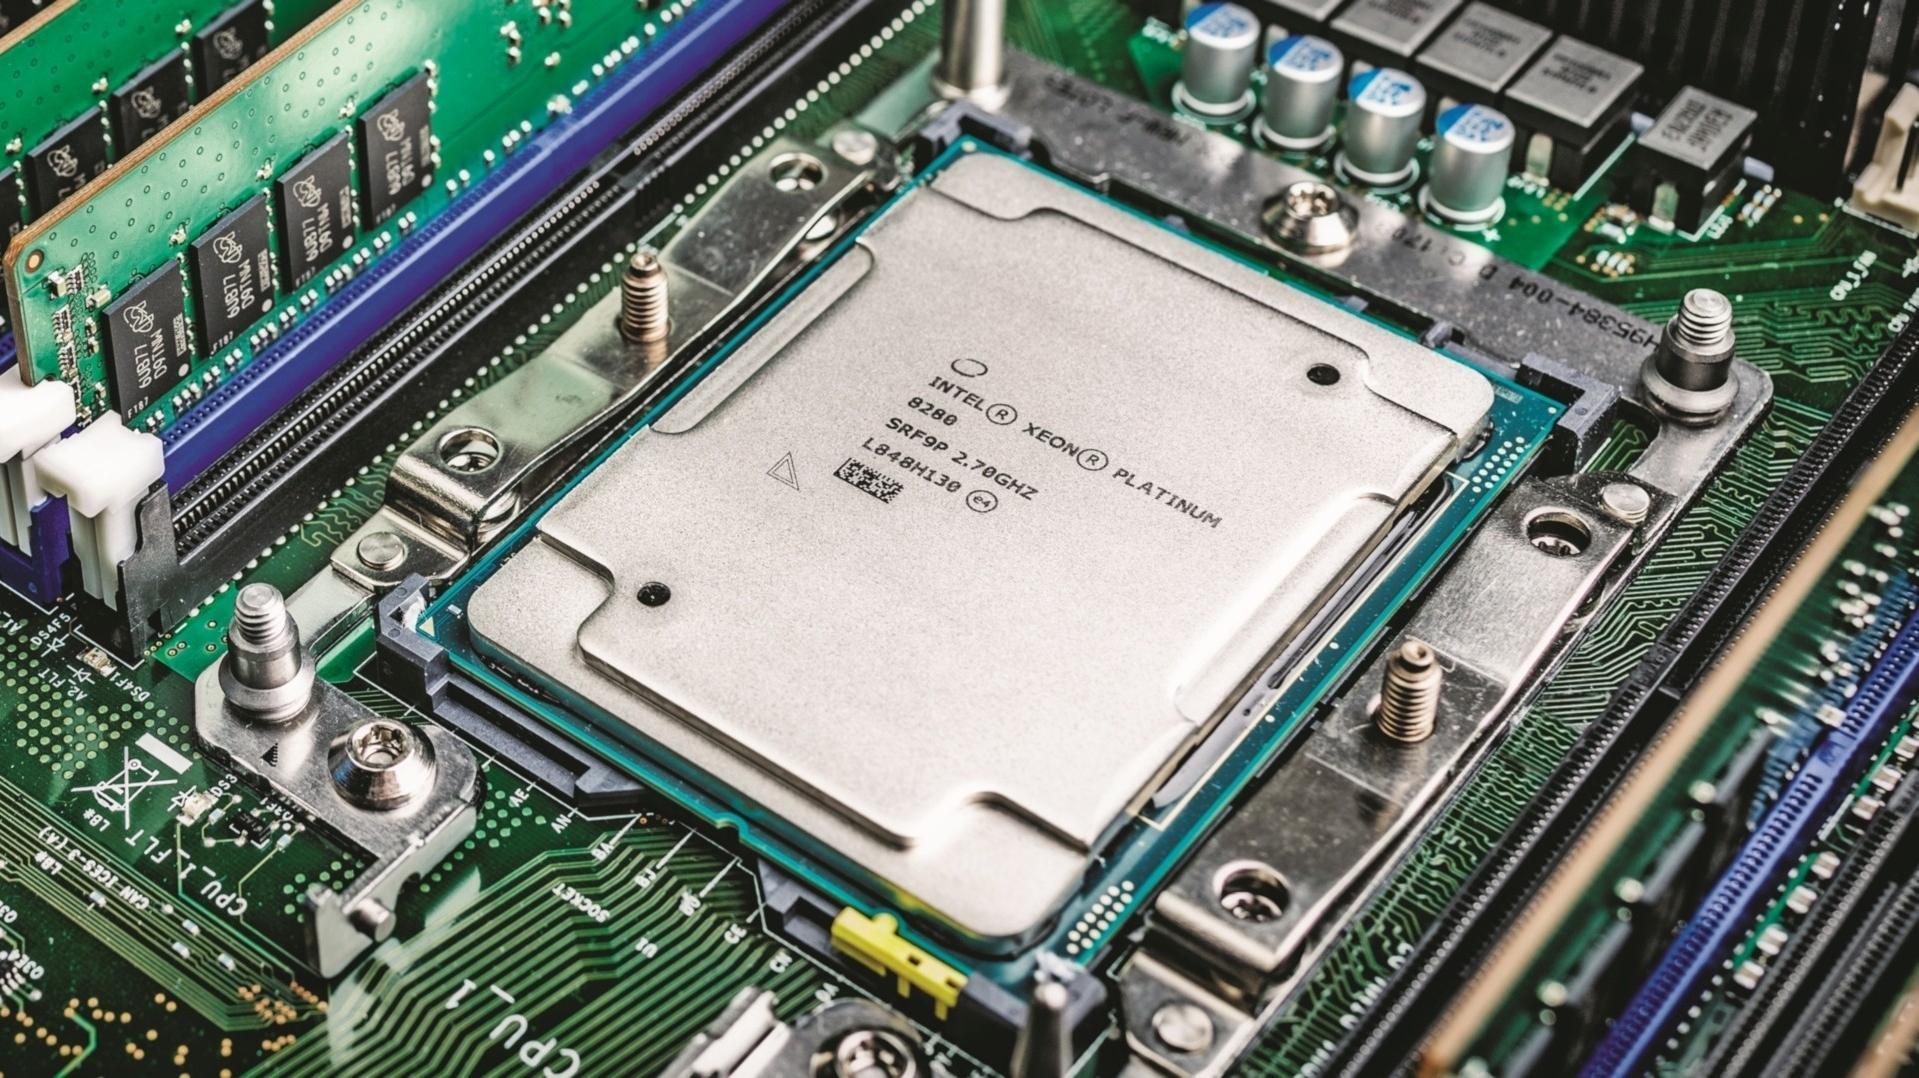 Что такое чипсет (chipset) у компьютера и зачем он нужен | как починить компьютер, настройка, ремонт, диагностика, своими руками